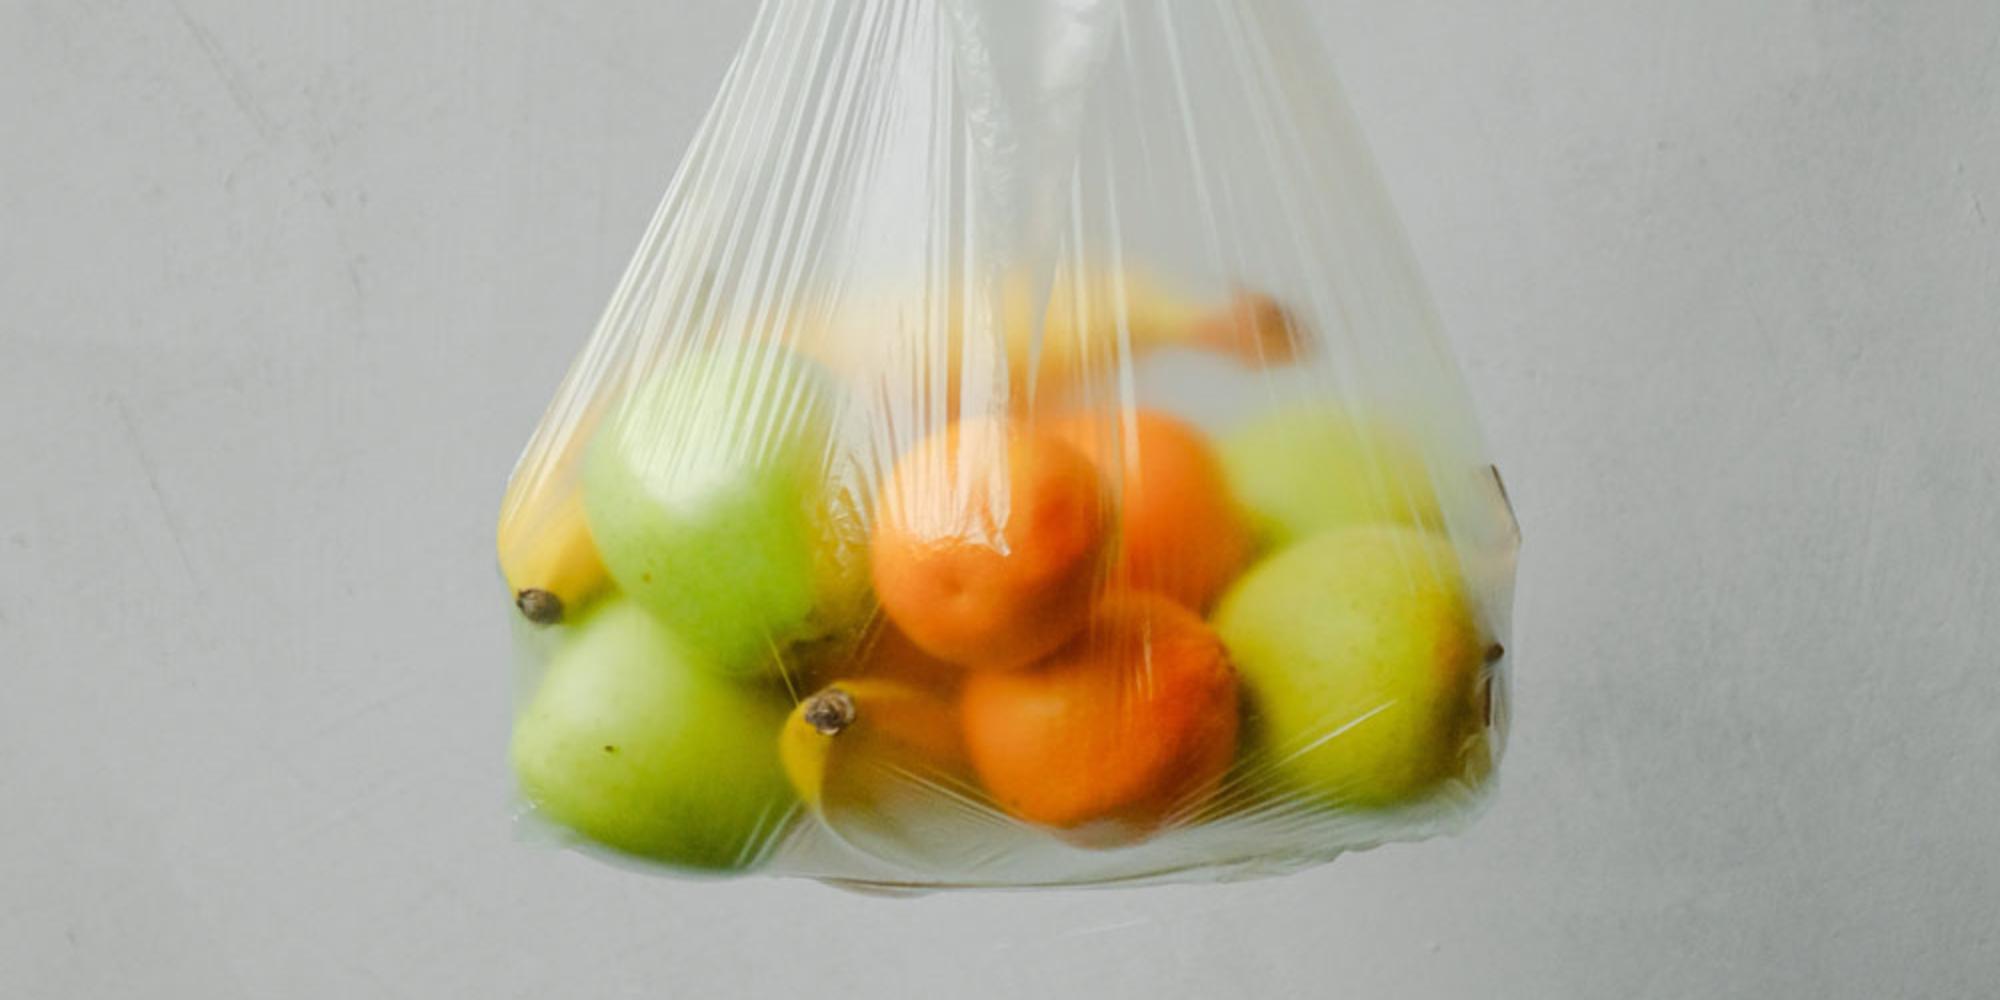 Plástico alimentario: peligros y recomendaciones | SEGAL FS